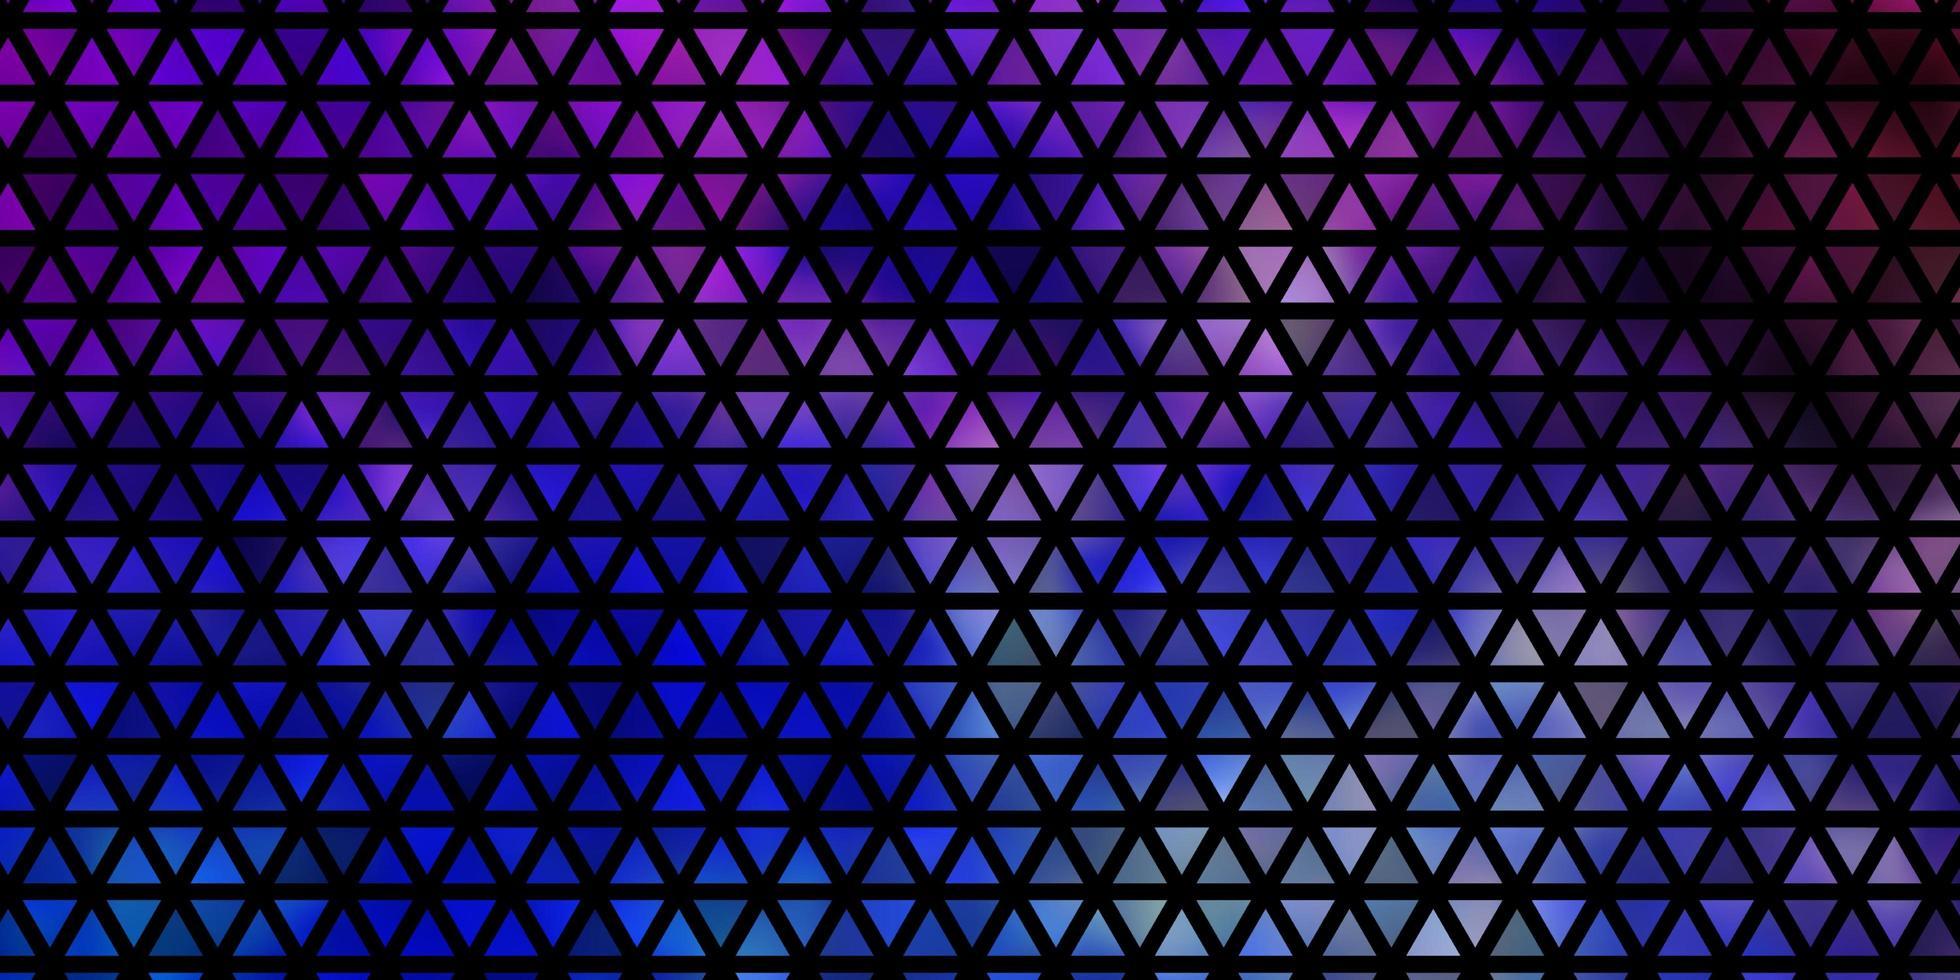 texture de vecteur multicolore léger avec un style triangulaire.